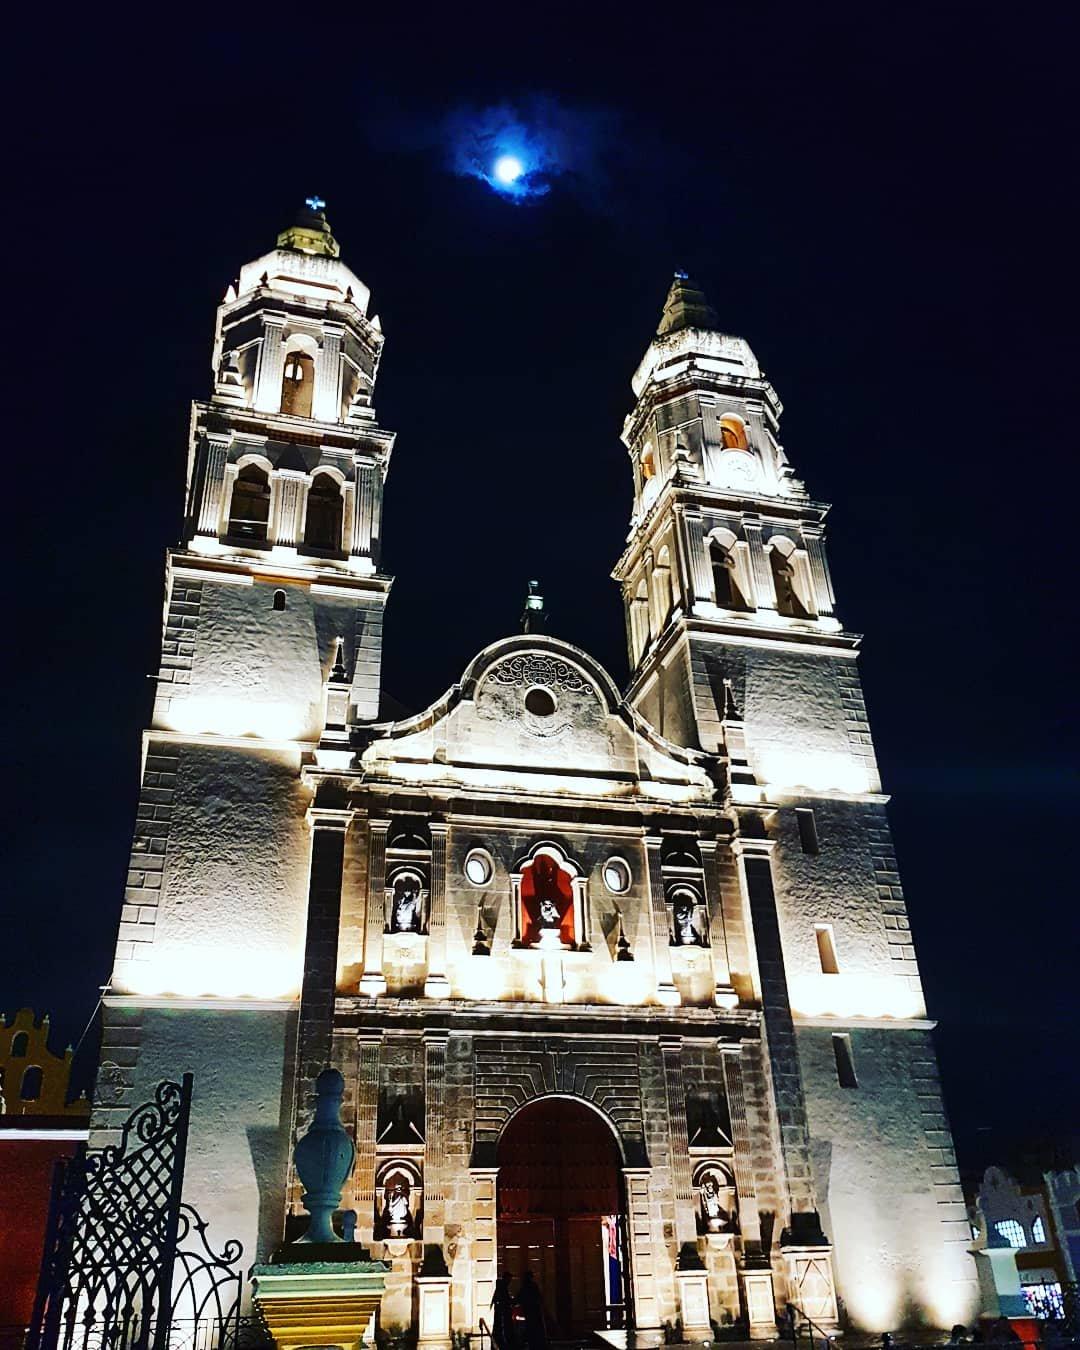 Mi-am schimbat parerea despre Mexic! #2 36